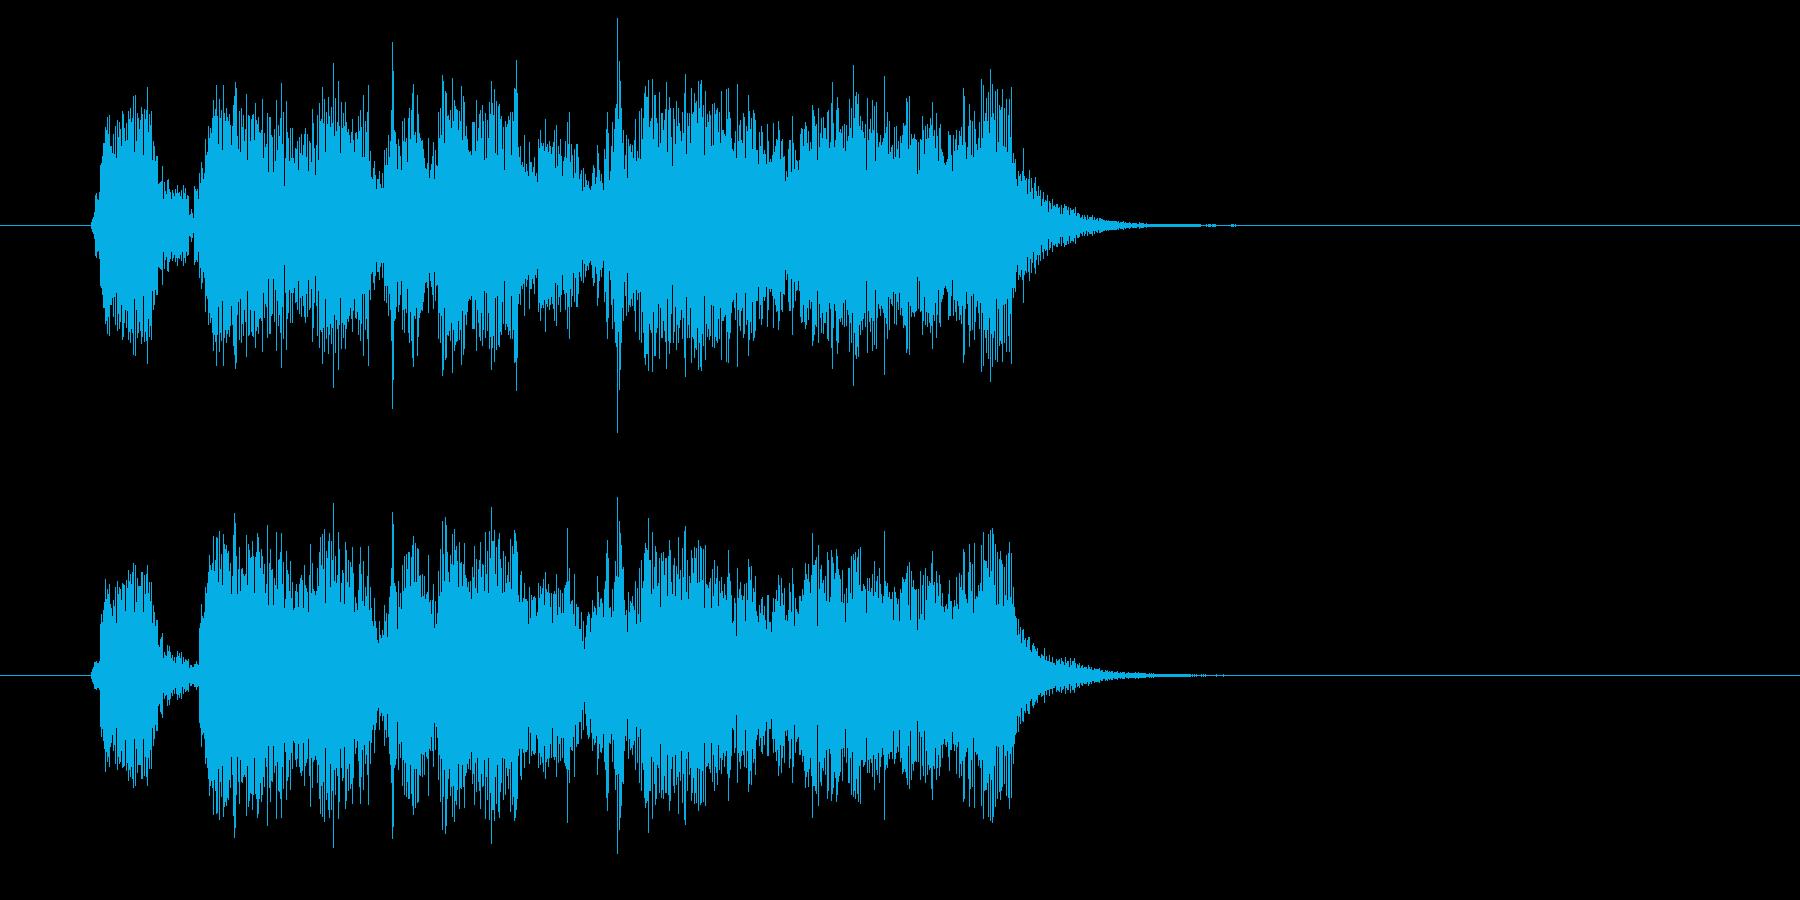 勢いがありクールでユニークなBGMの再生済みの波形